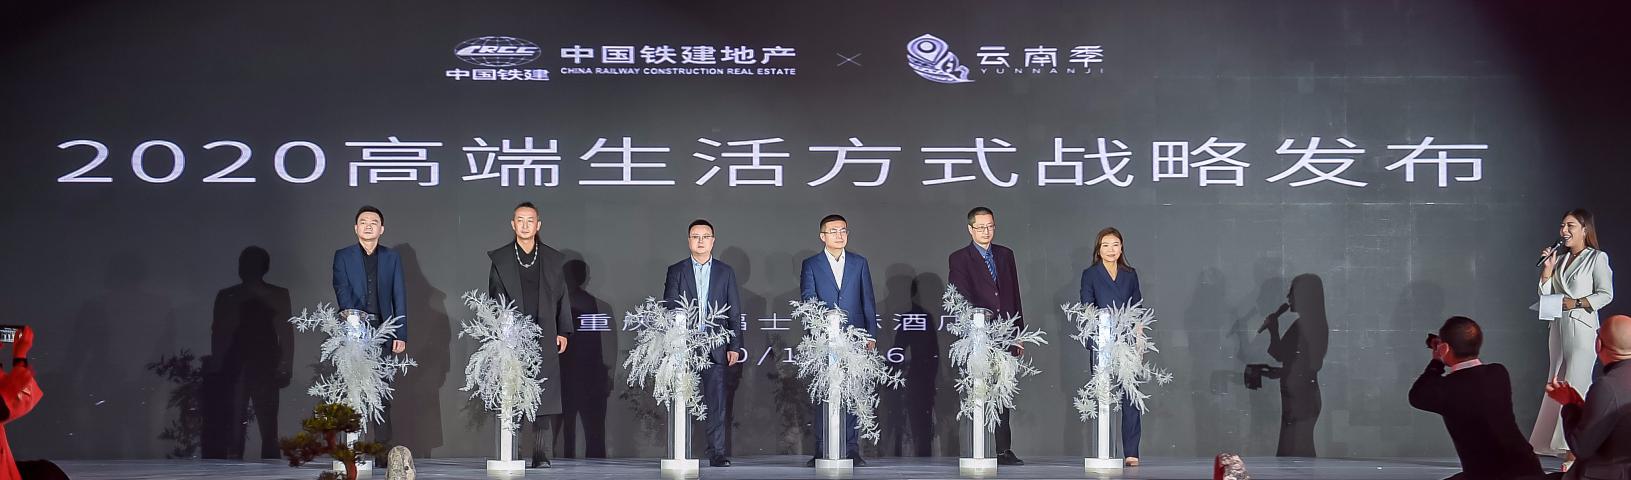 专题·云南季 中国铁建地产引入云南季创领高端生活方式